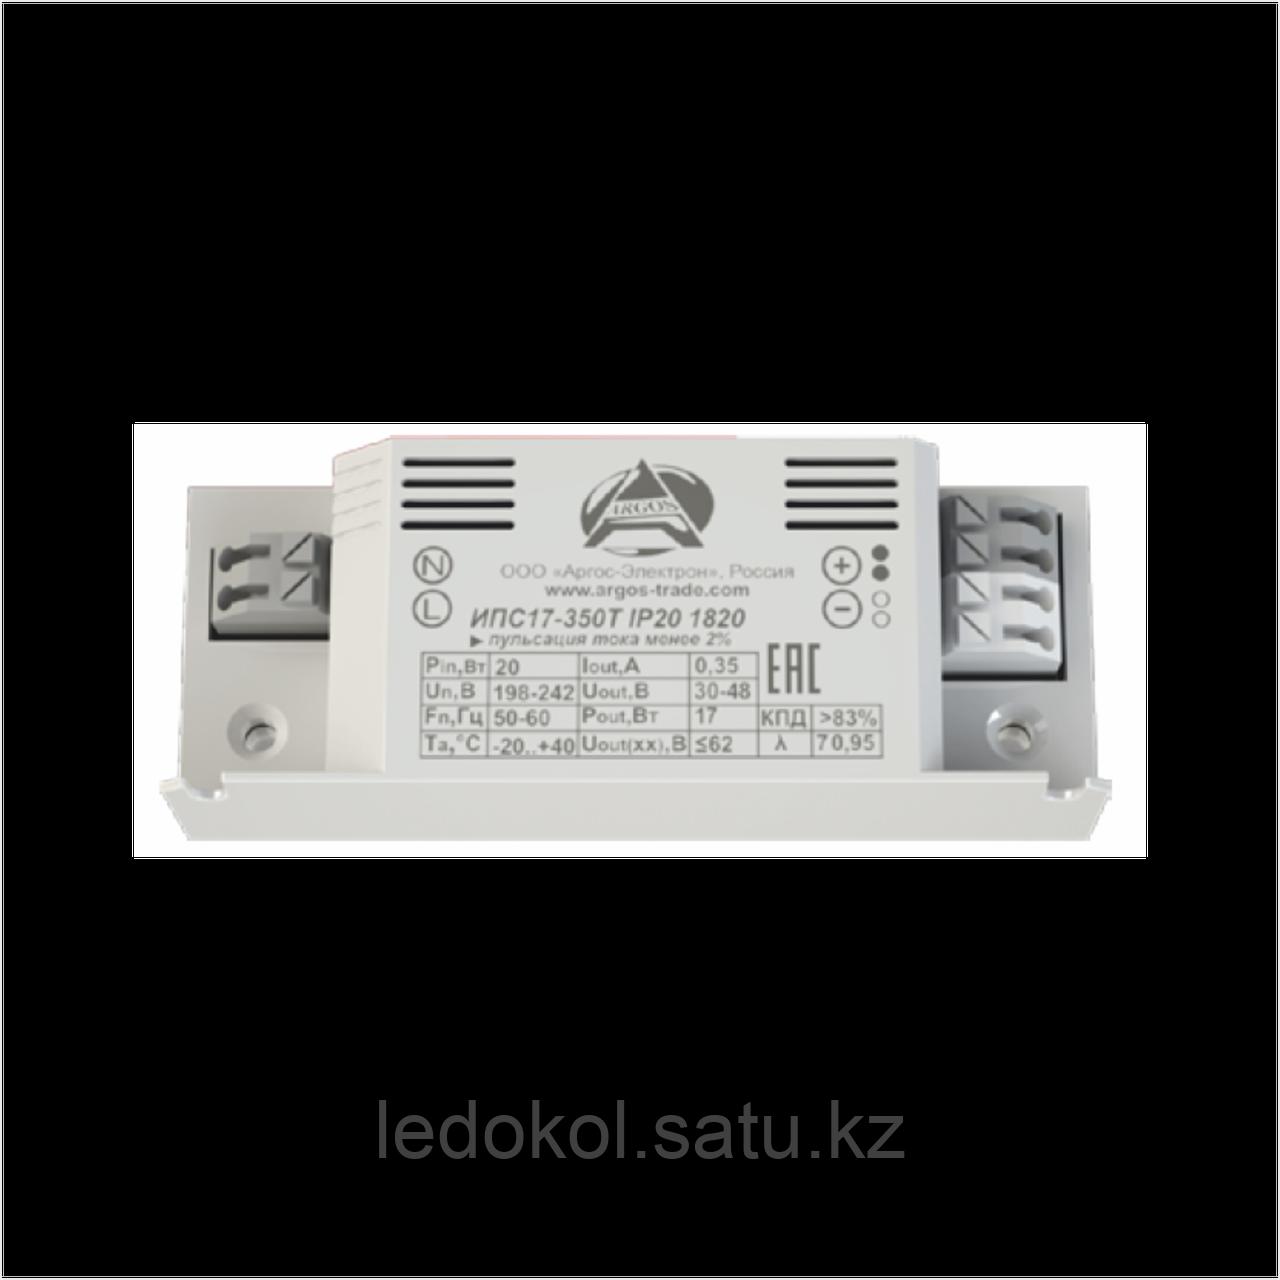 Источник питания Аргос ИПС15-320Т IP20 ЭКО 1810: